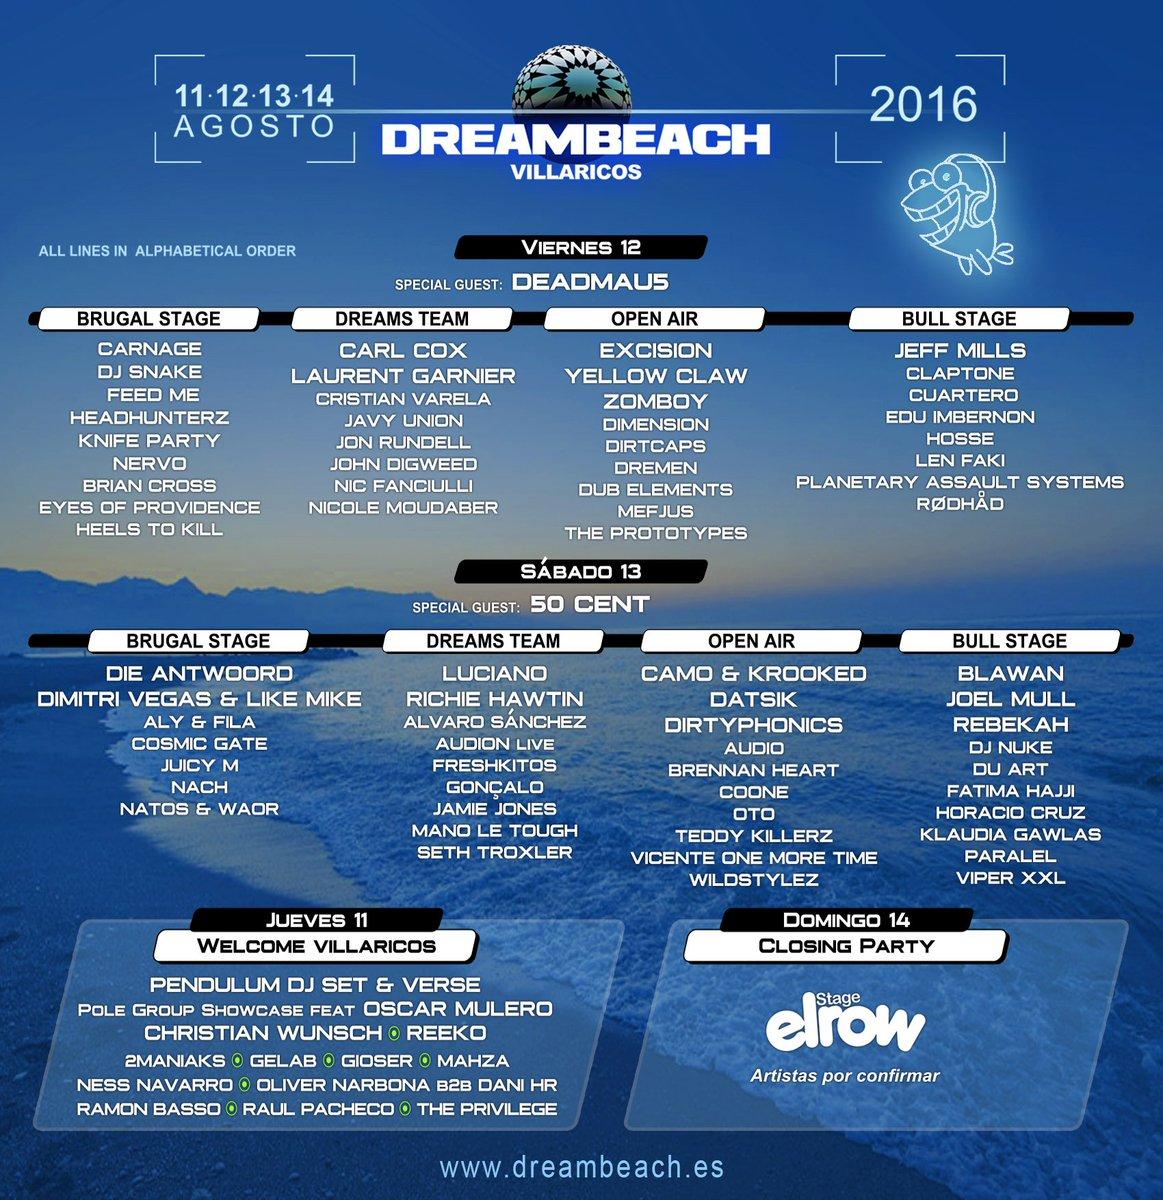 Cartel #Dreambeach por días y escenarios 🎉🎉 Entradas ya disponibles 👉 http://bitly.com/abonosDreambeach…  #GoVillaricos